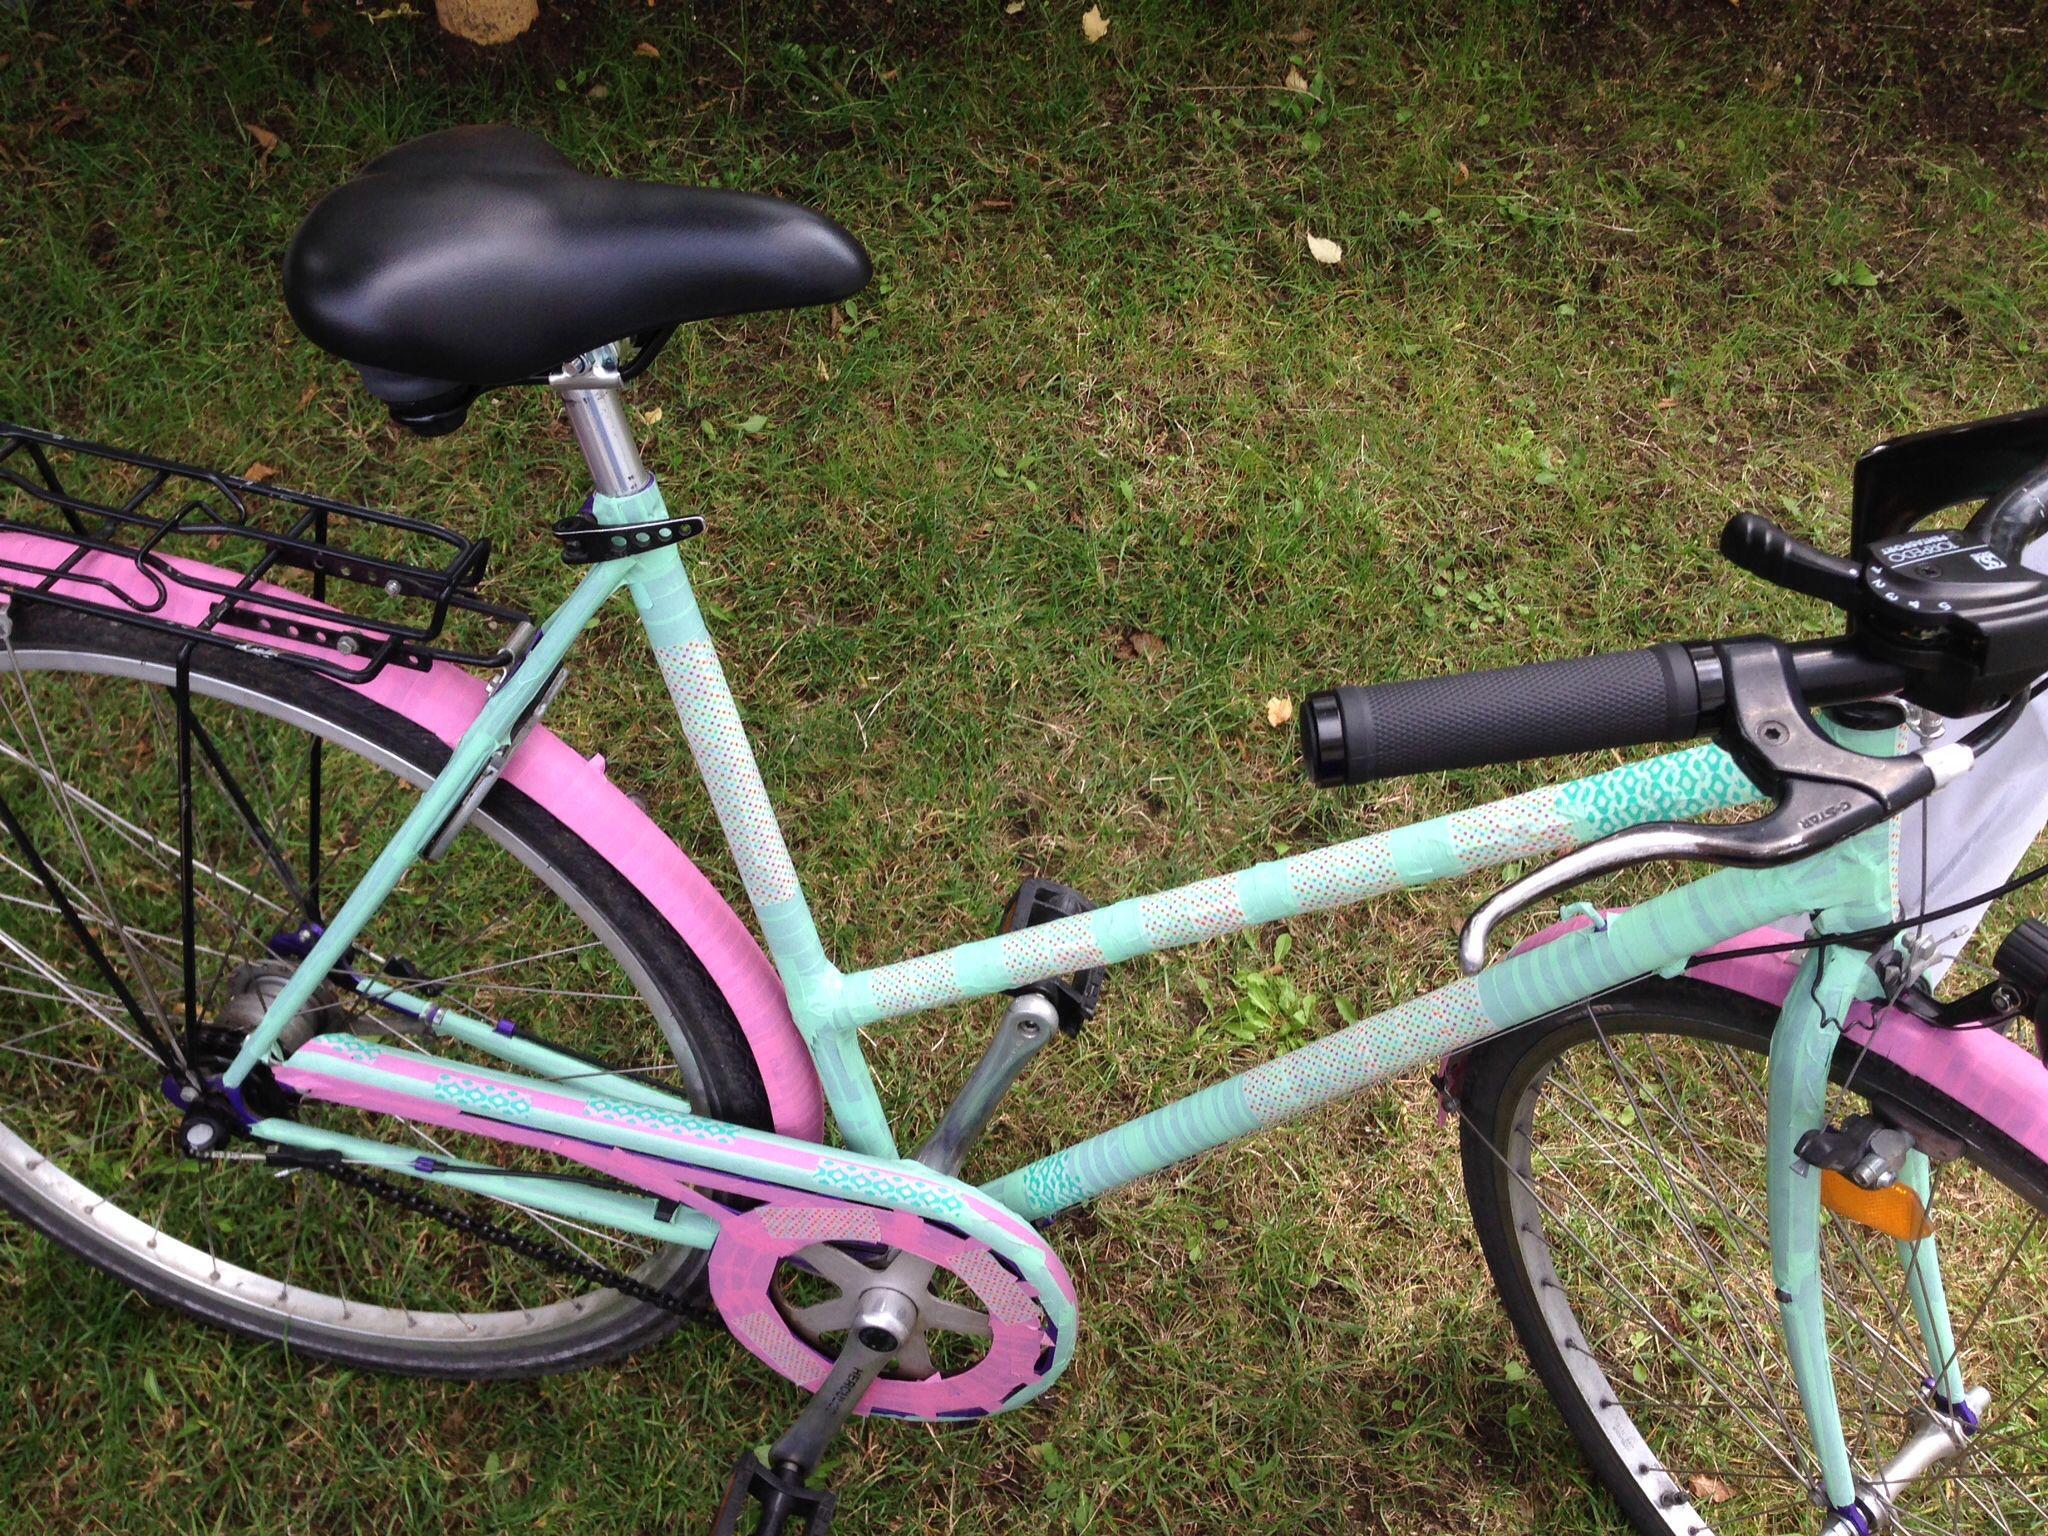 Fahrrad bekleben / Tape   Fahrrad   Pinterest   Fahrräder